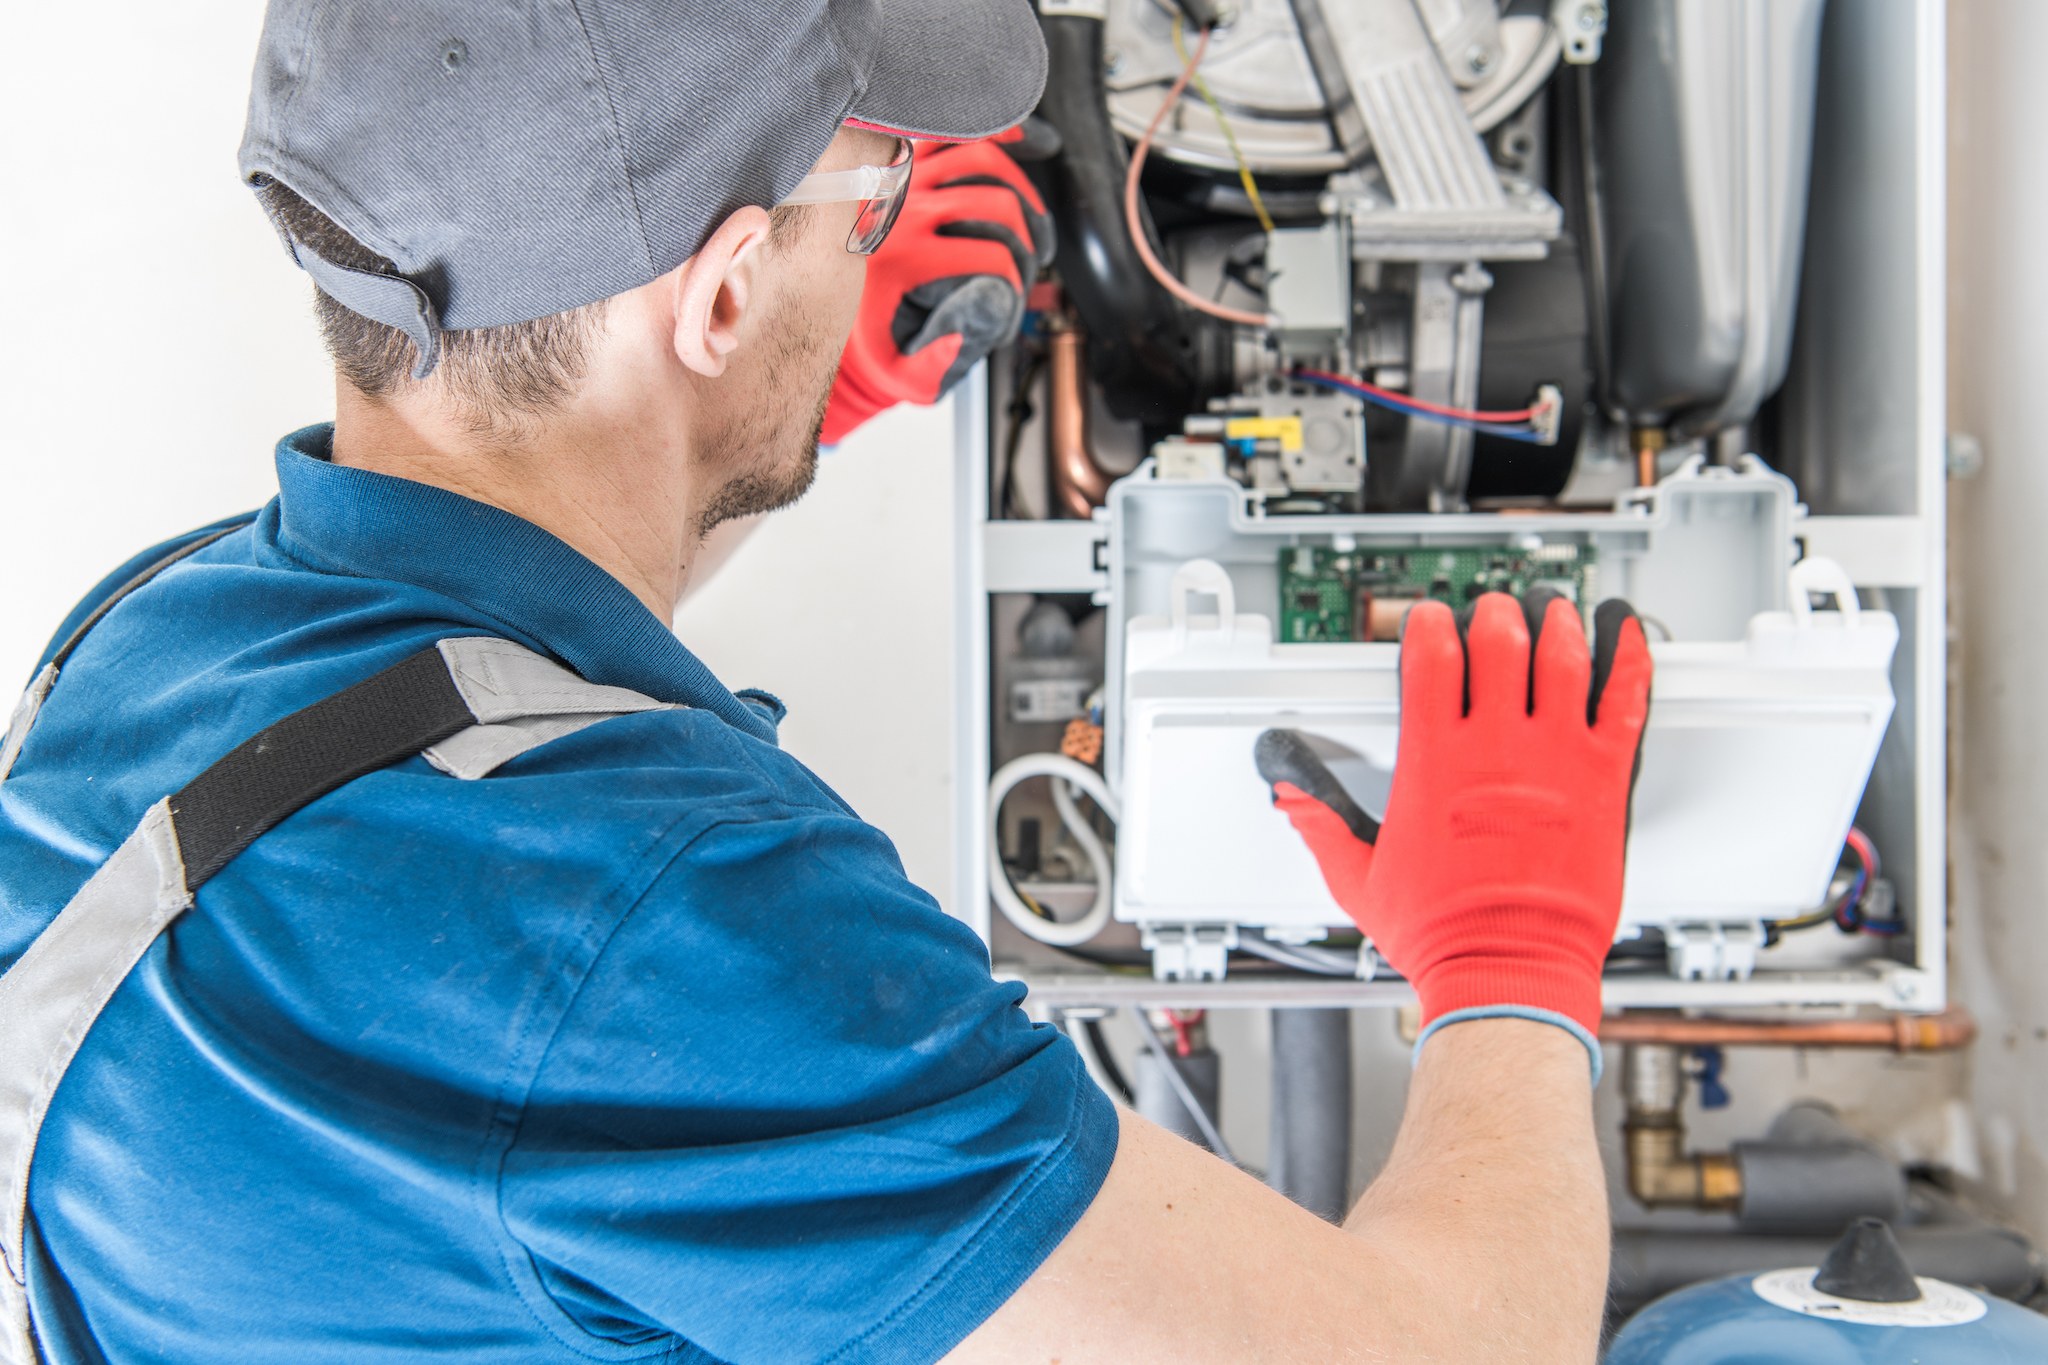 Technician is installing a boiler